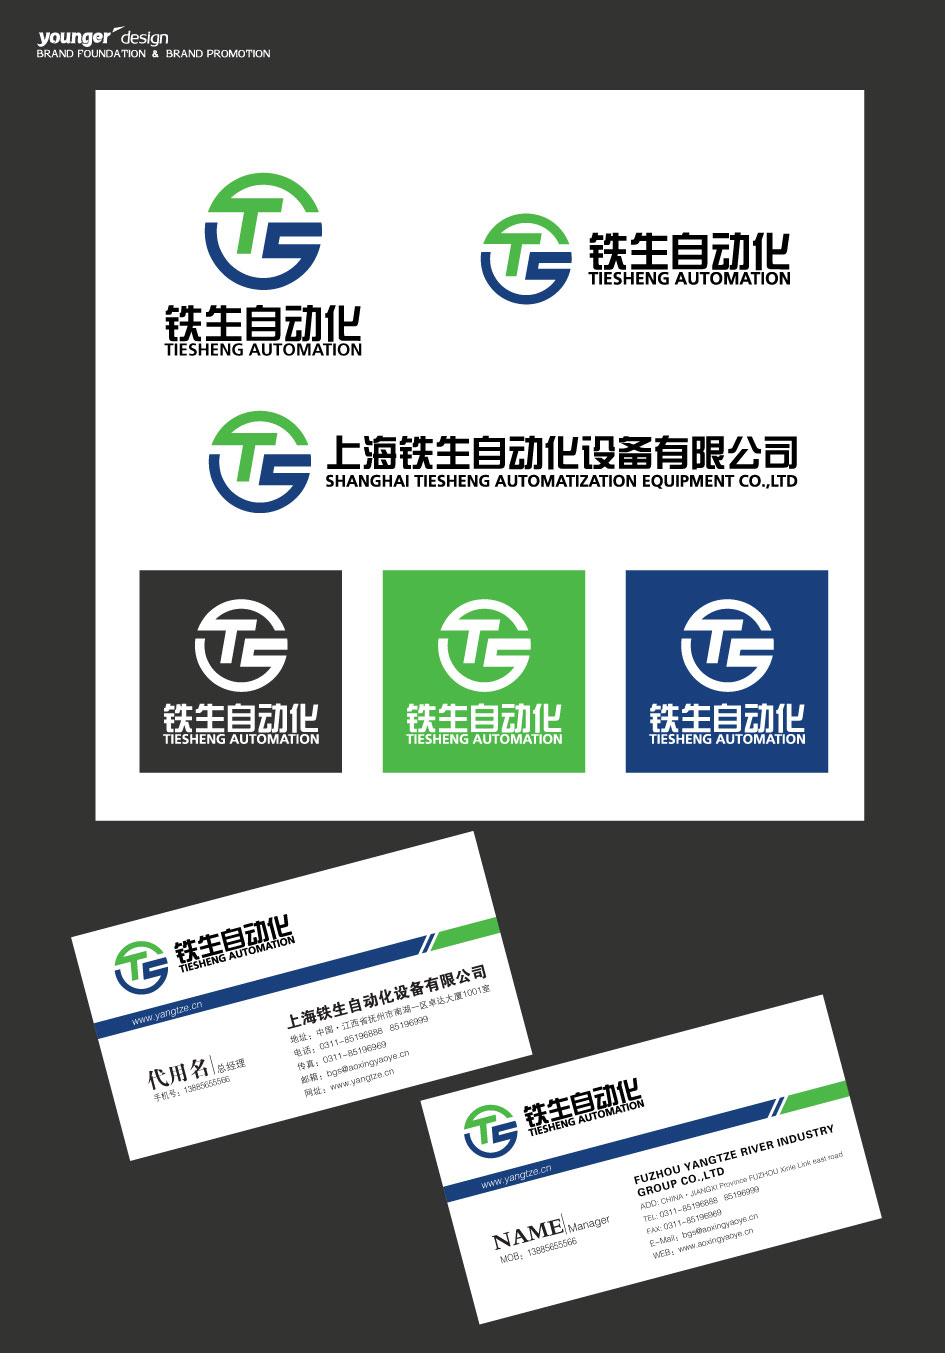 上海铁生自动化设备公司logo设计加名片图片